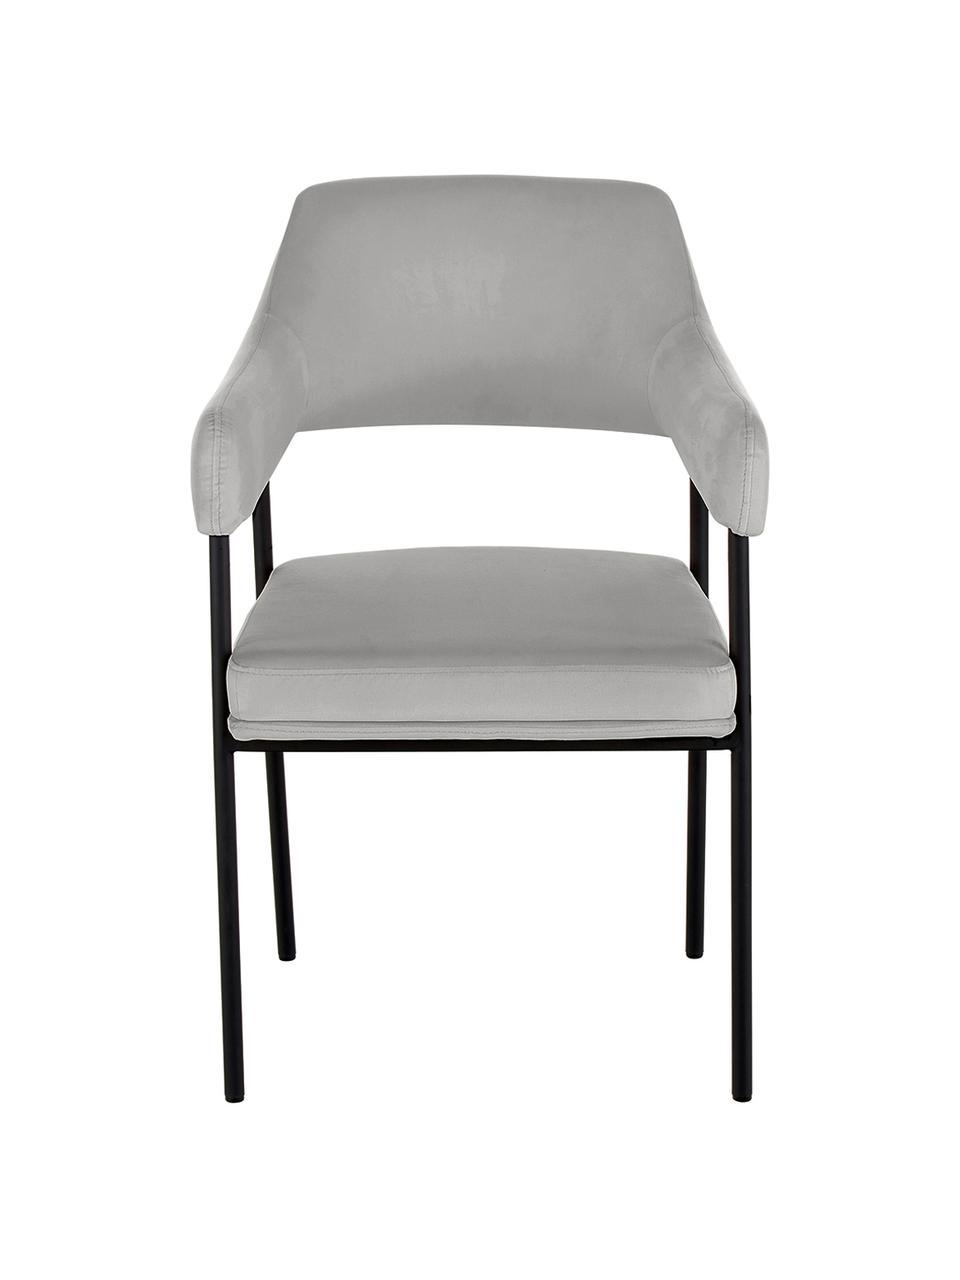 Sedia con braccioli in velluto Zoe, Rivestimento: velluto (poliestere) 50.0, Struttura: metallo verniciato a polv, Velluto grigio, Larg. 56 x Prof. 62 cm